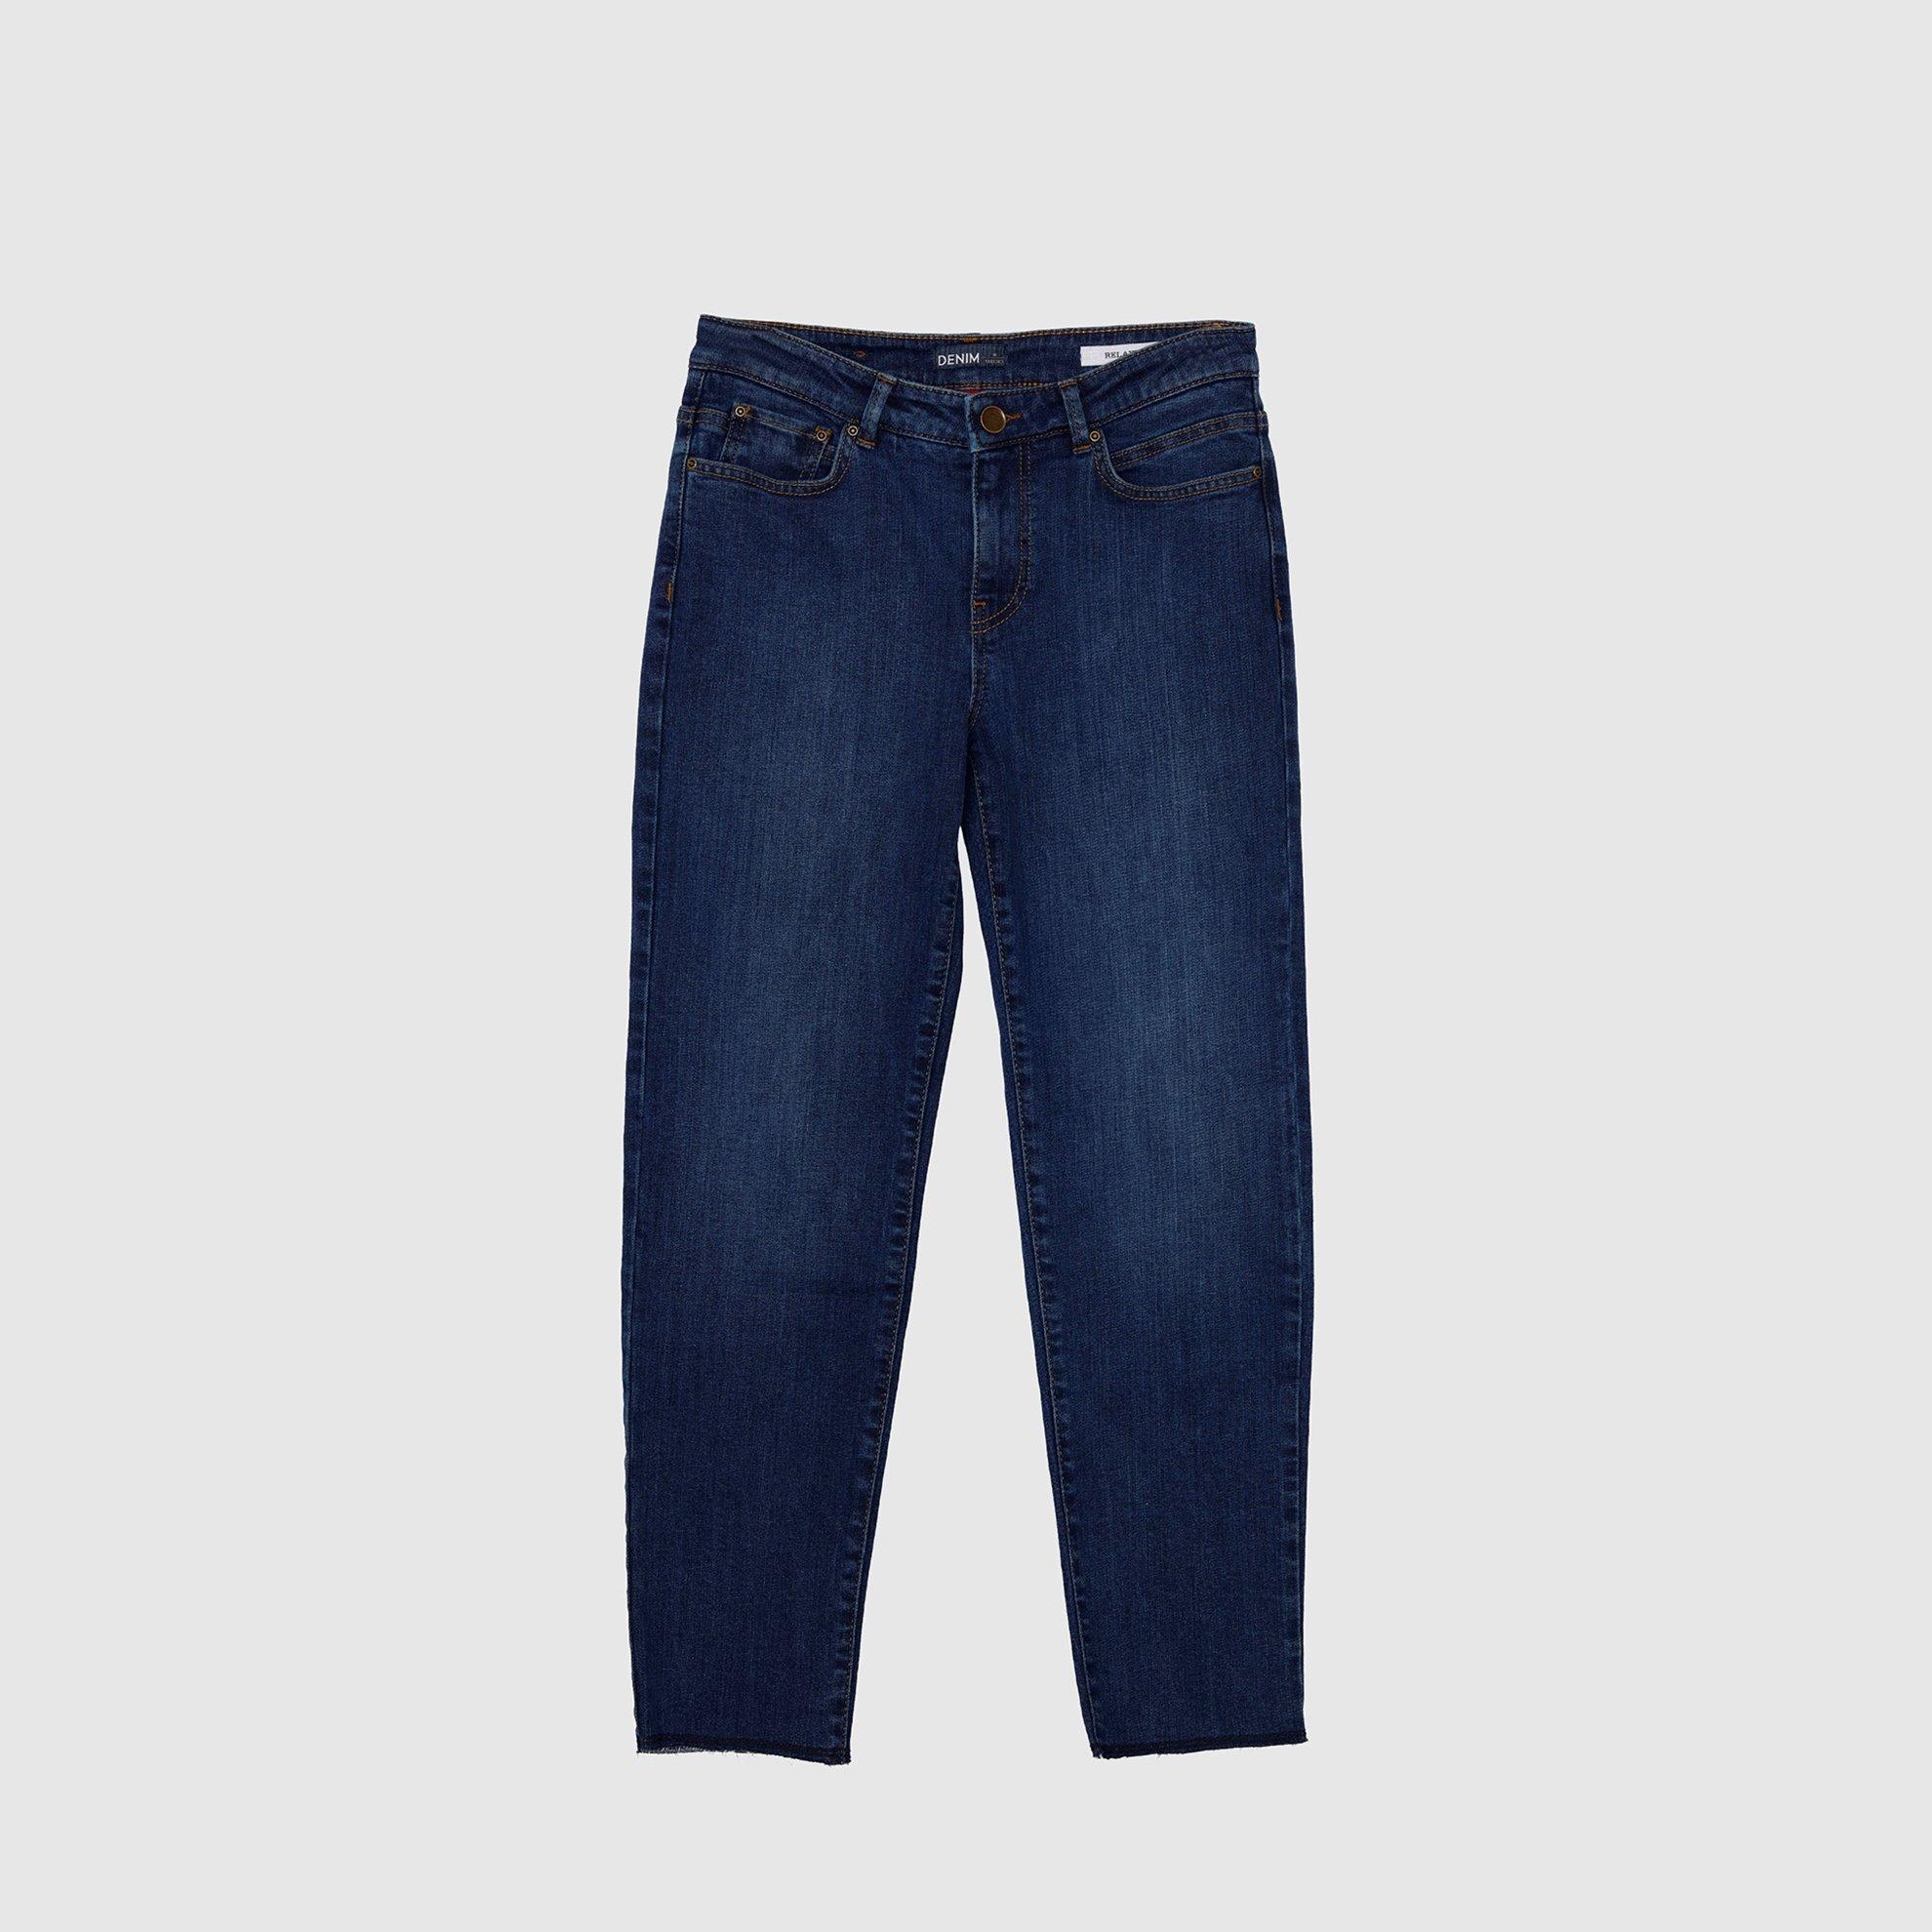 resm 5 Cep Boru Paça Pantolon